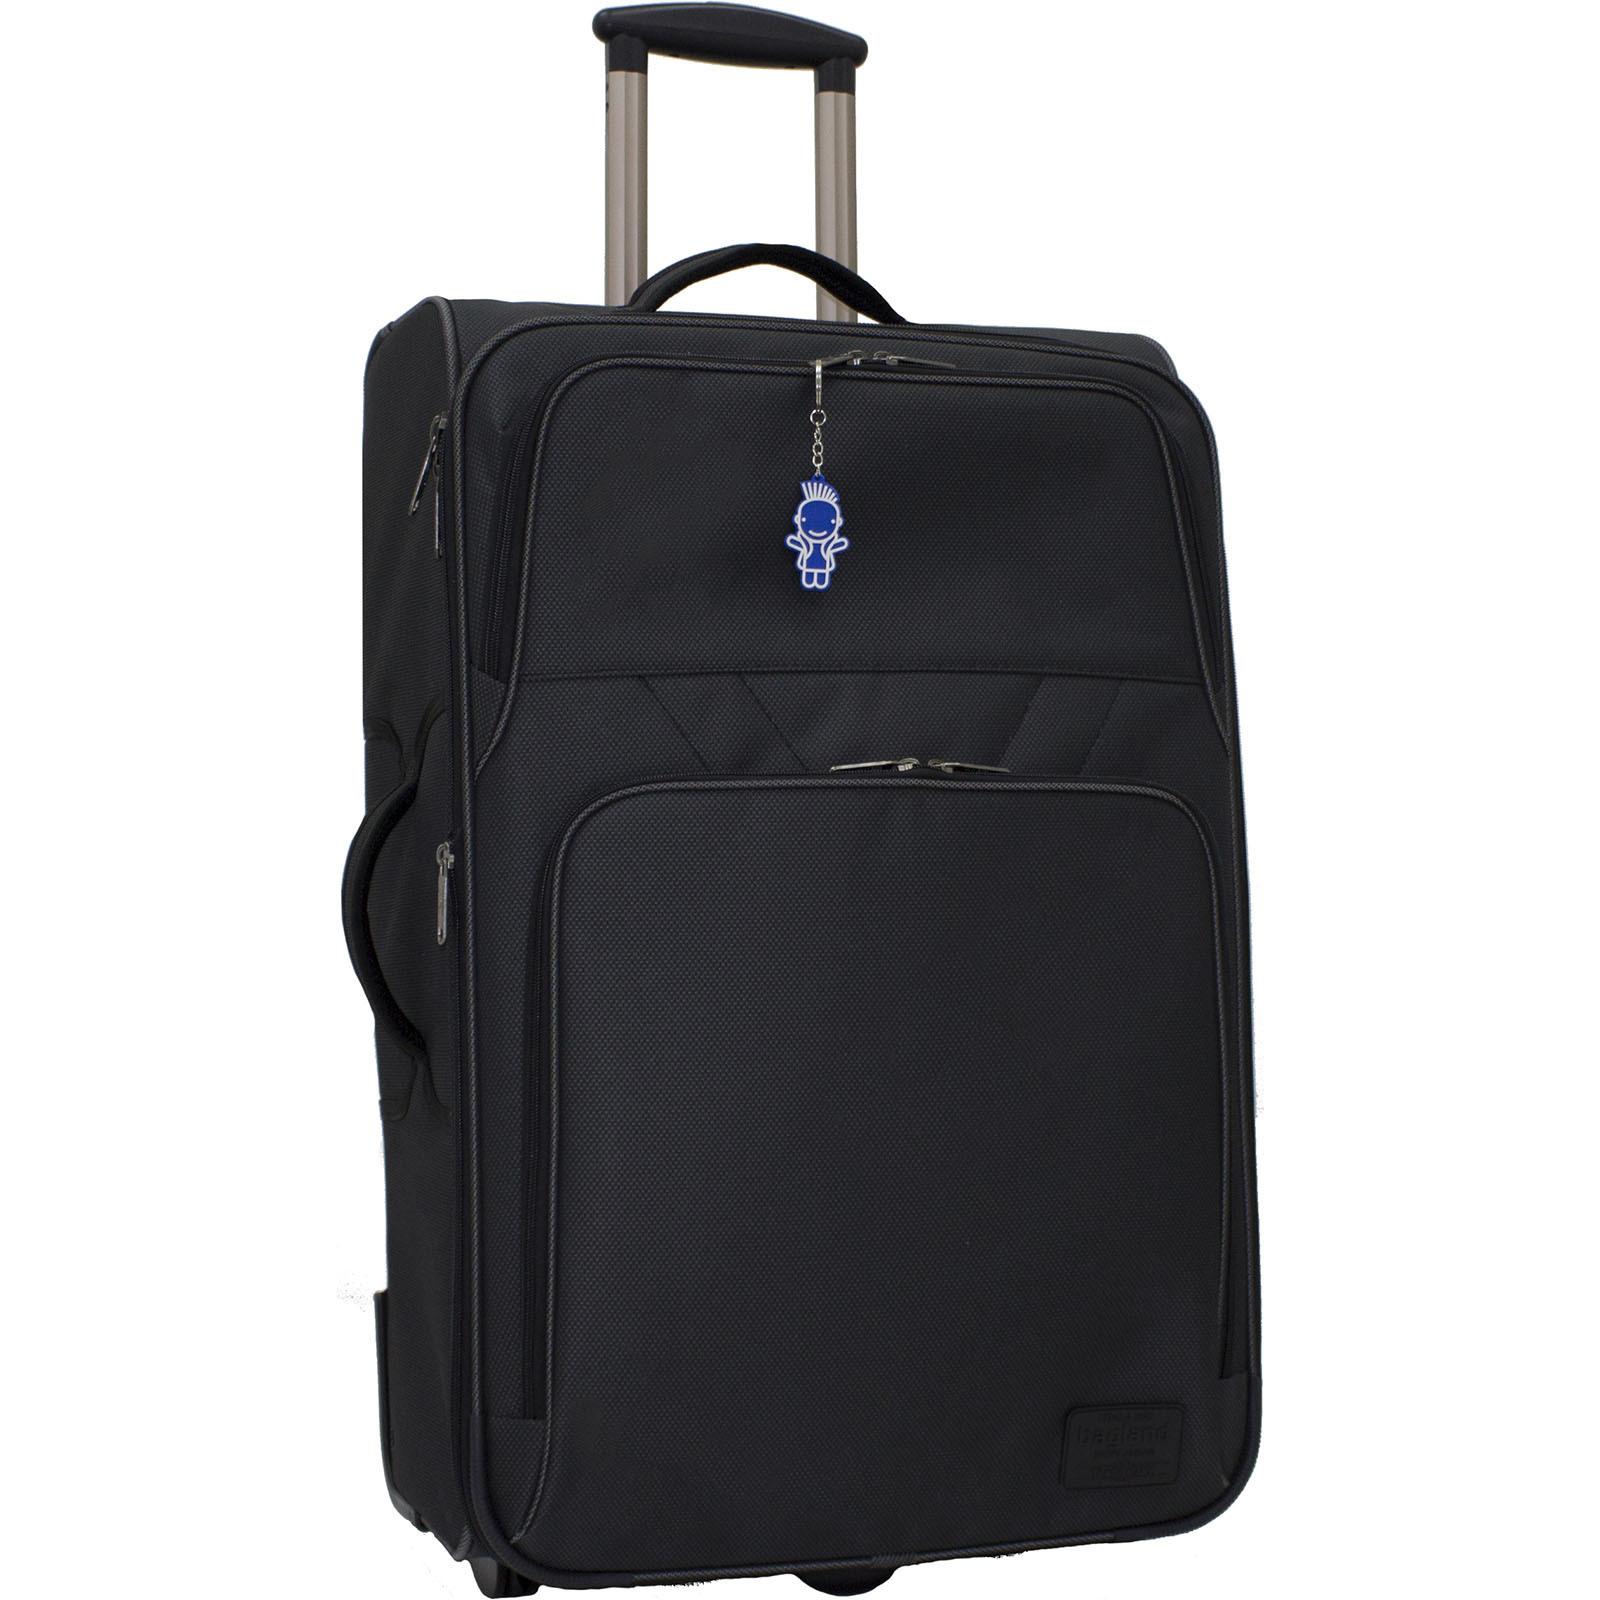 Дорожные чемоданы Чемодан Bagland Леон большой 70 л. Чёрный (0037616927) IMG_5735.jpg